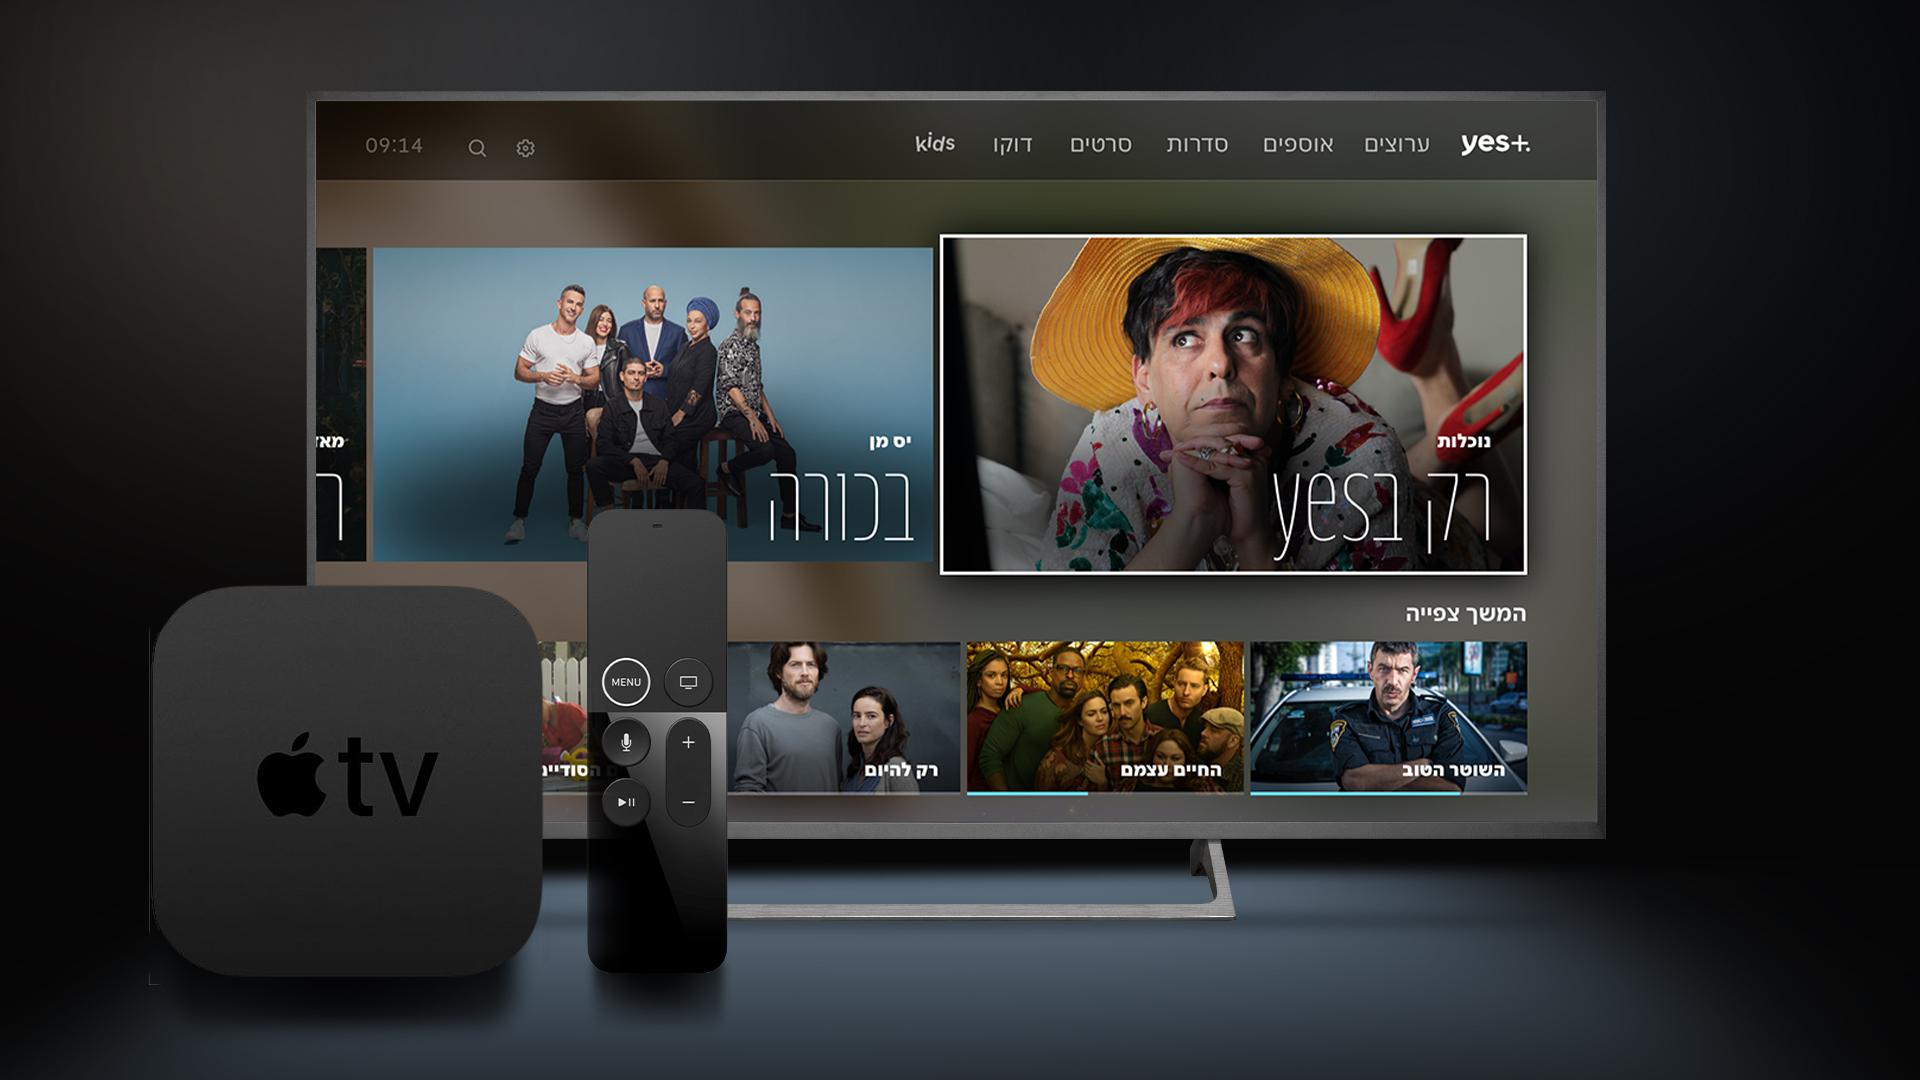 yes משיקה את שירות yes plus יחד עם אפל – The Gadget Reviews